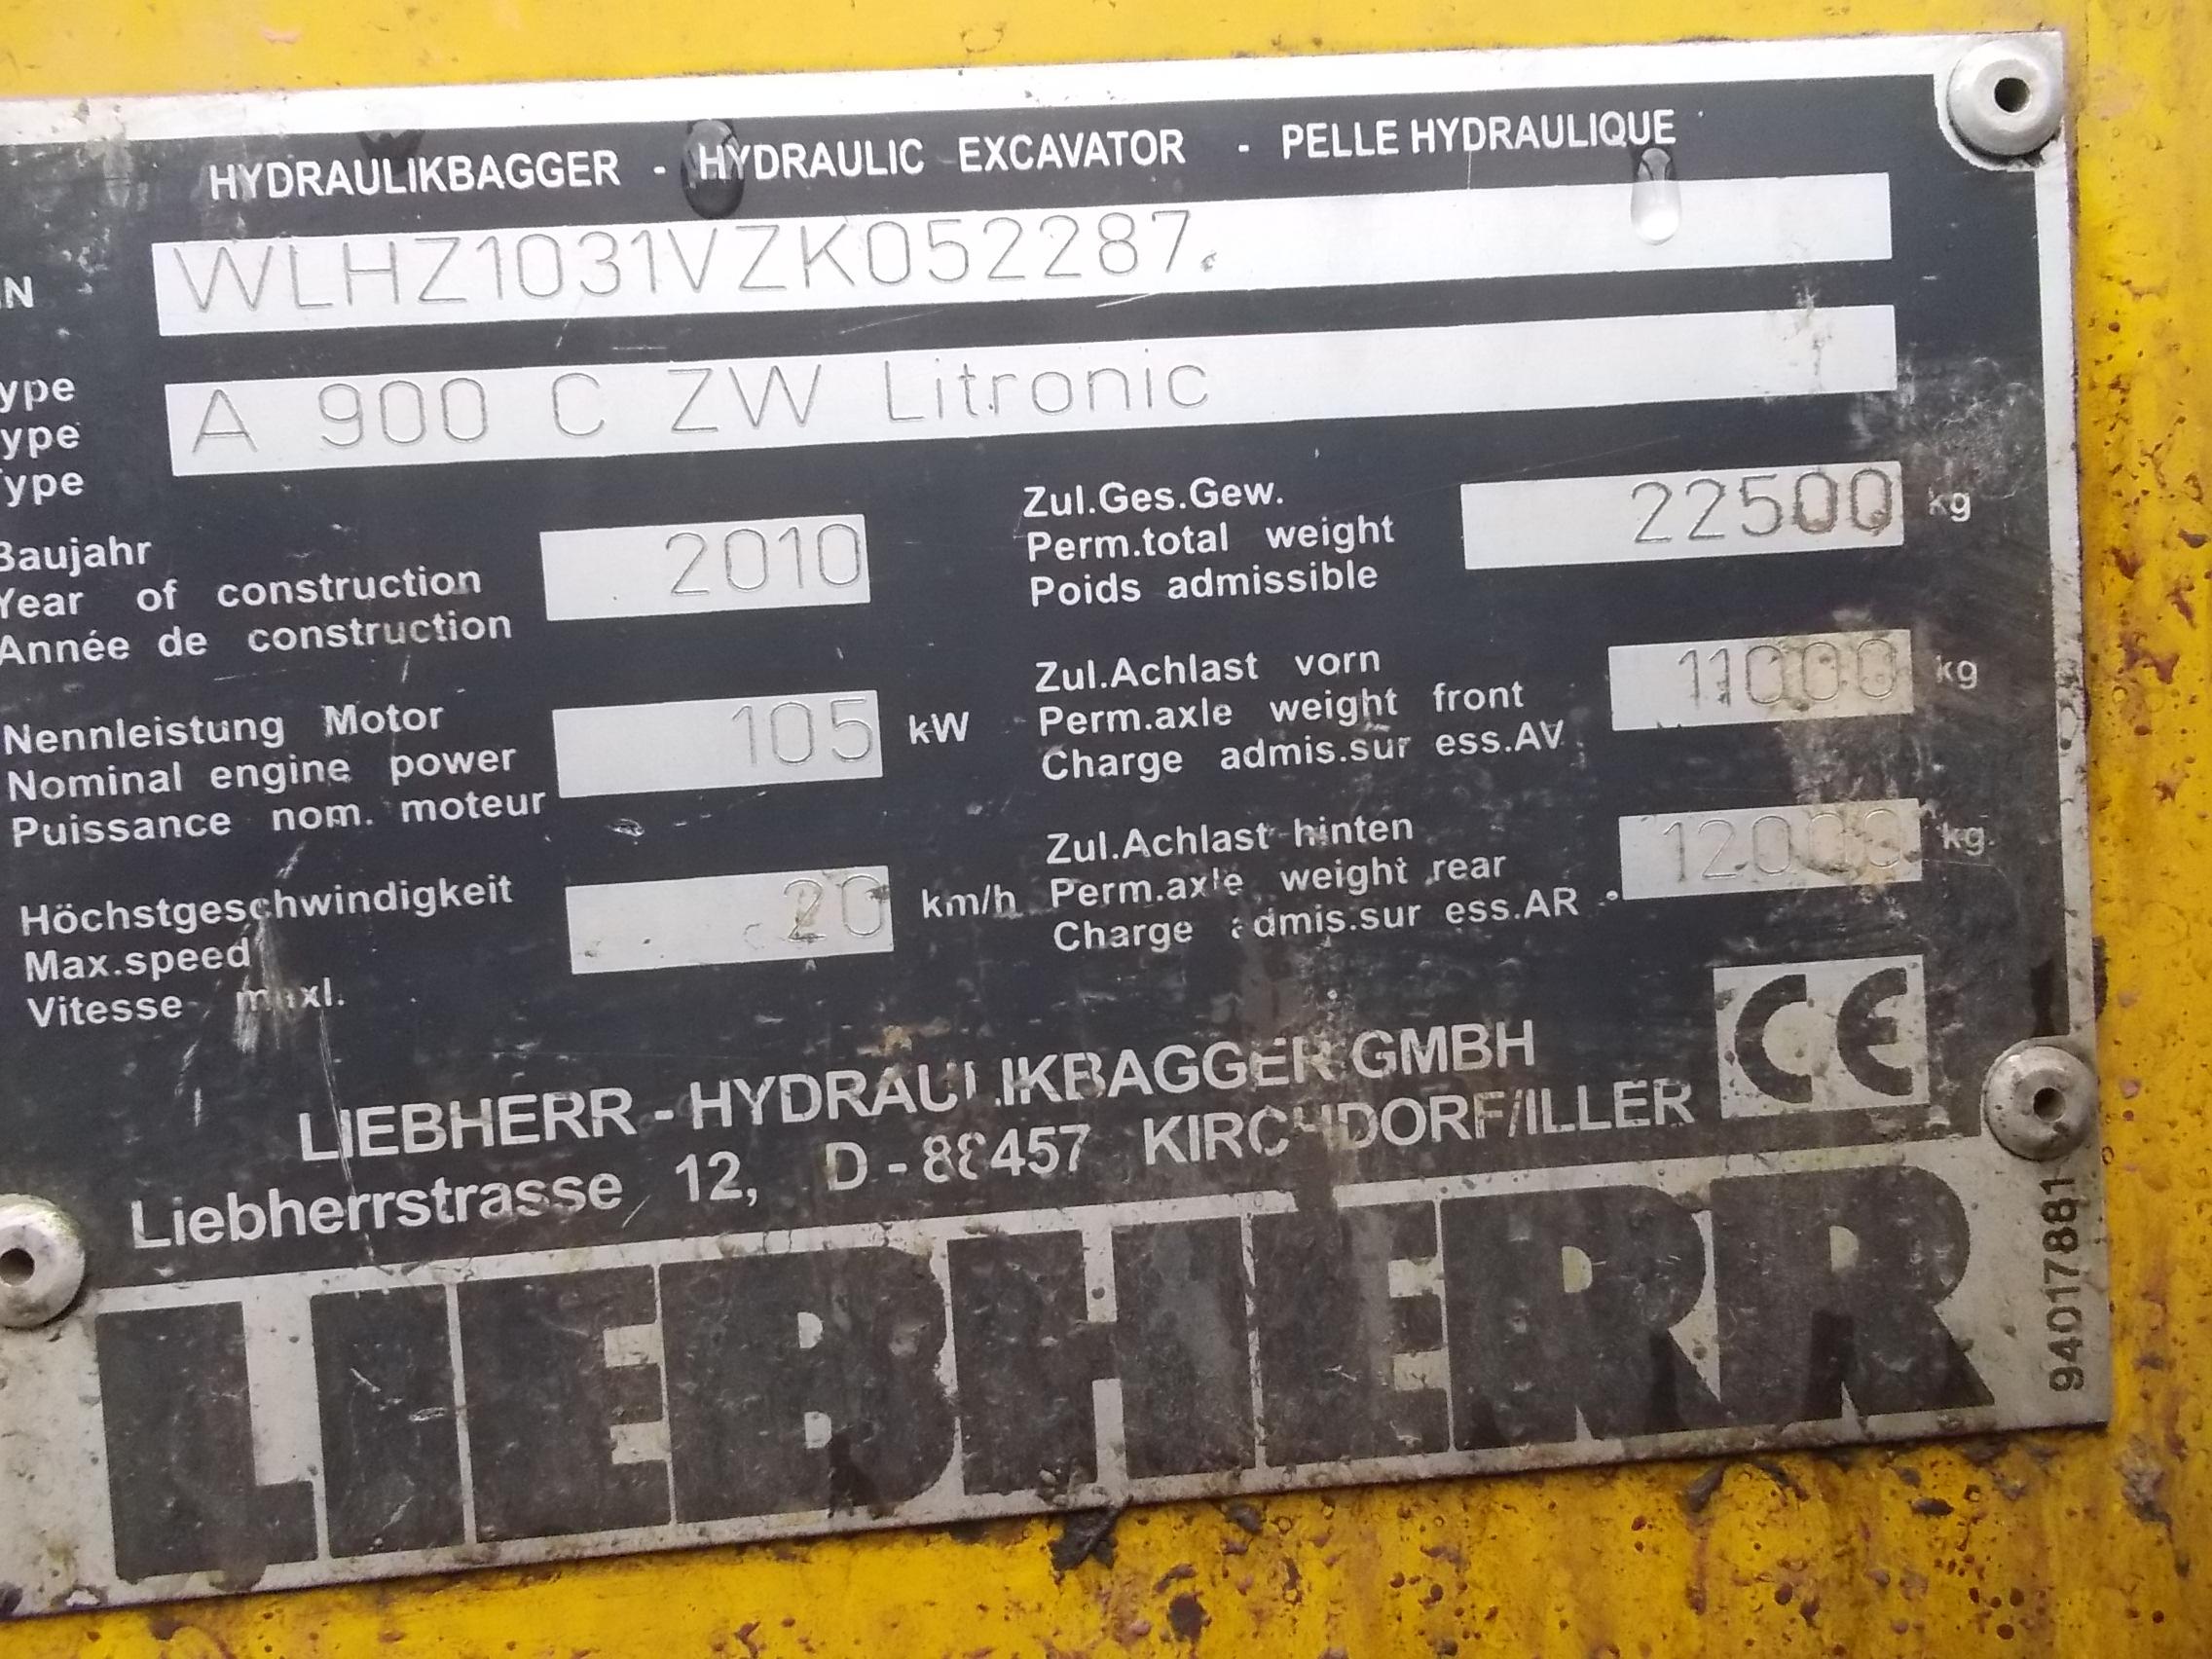 A900C ZW LI-1031-52287_015.JPG